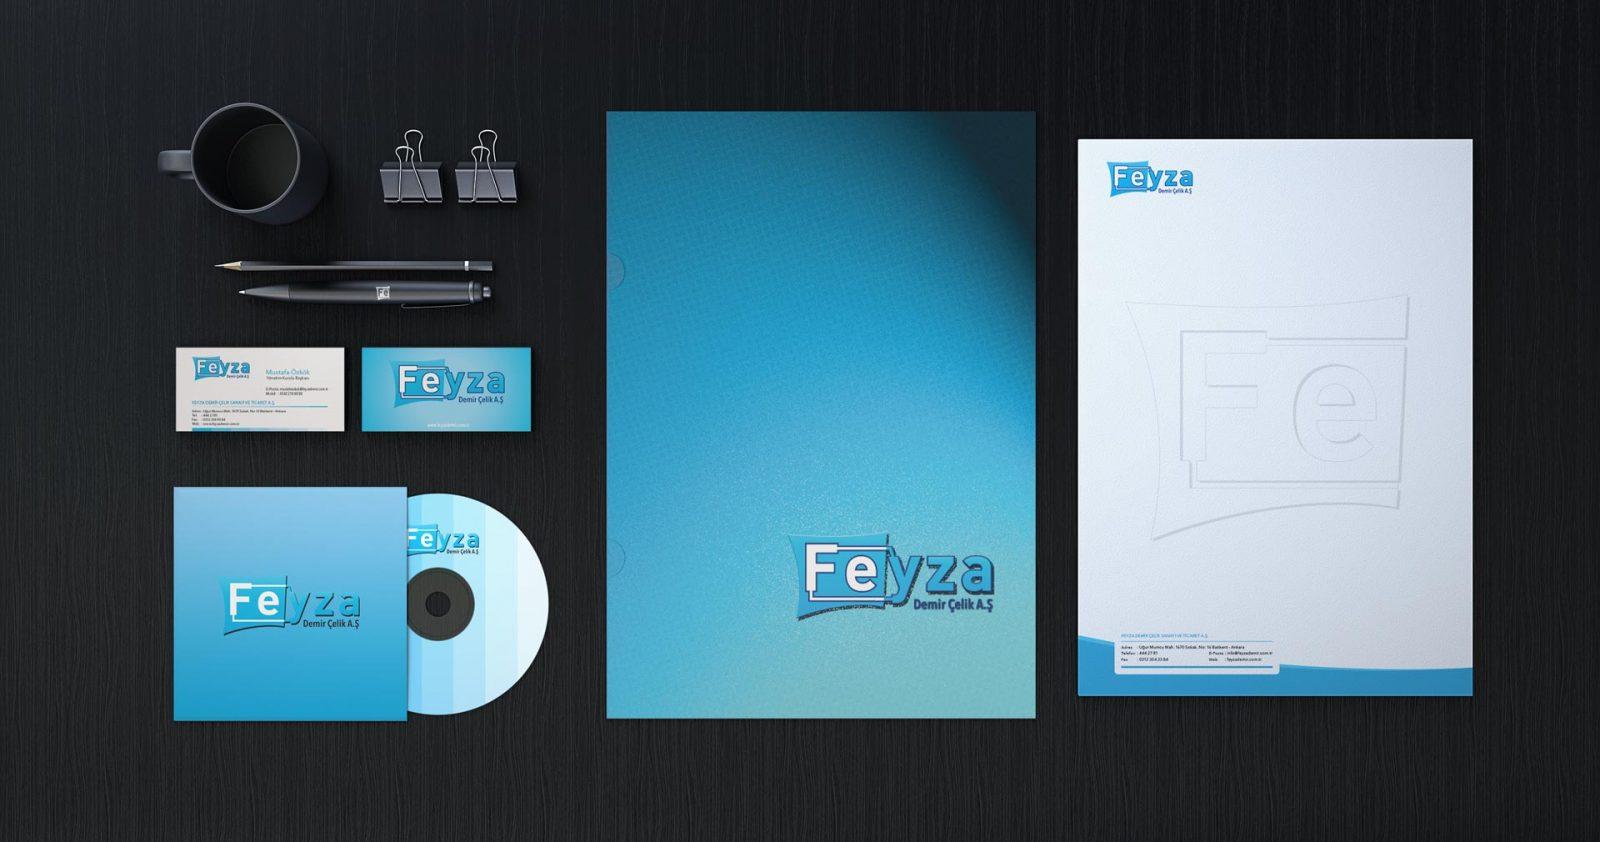 Feyza demir kurumsal kimlik tasarımı 03